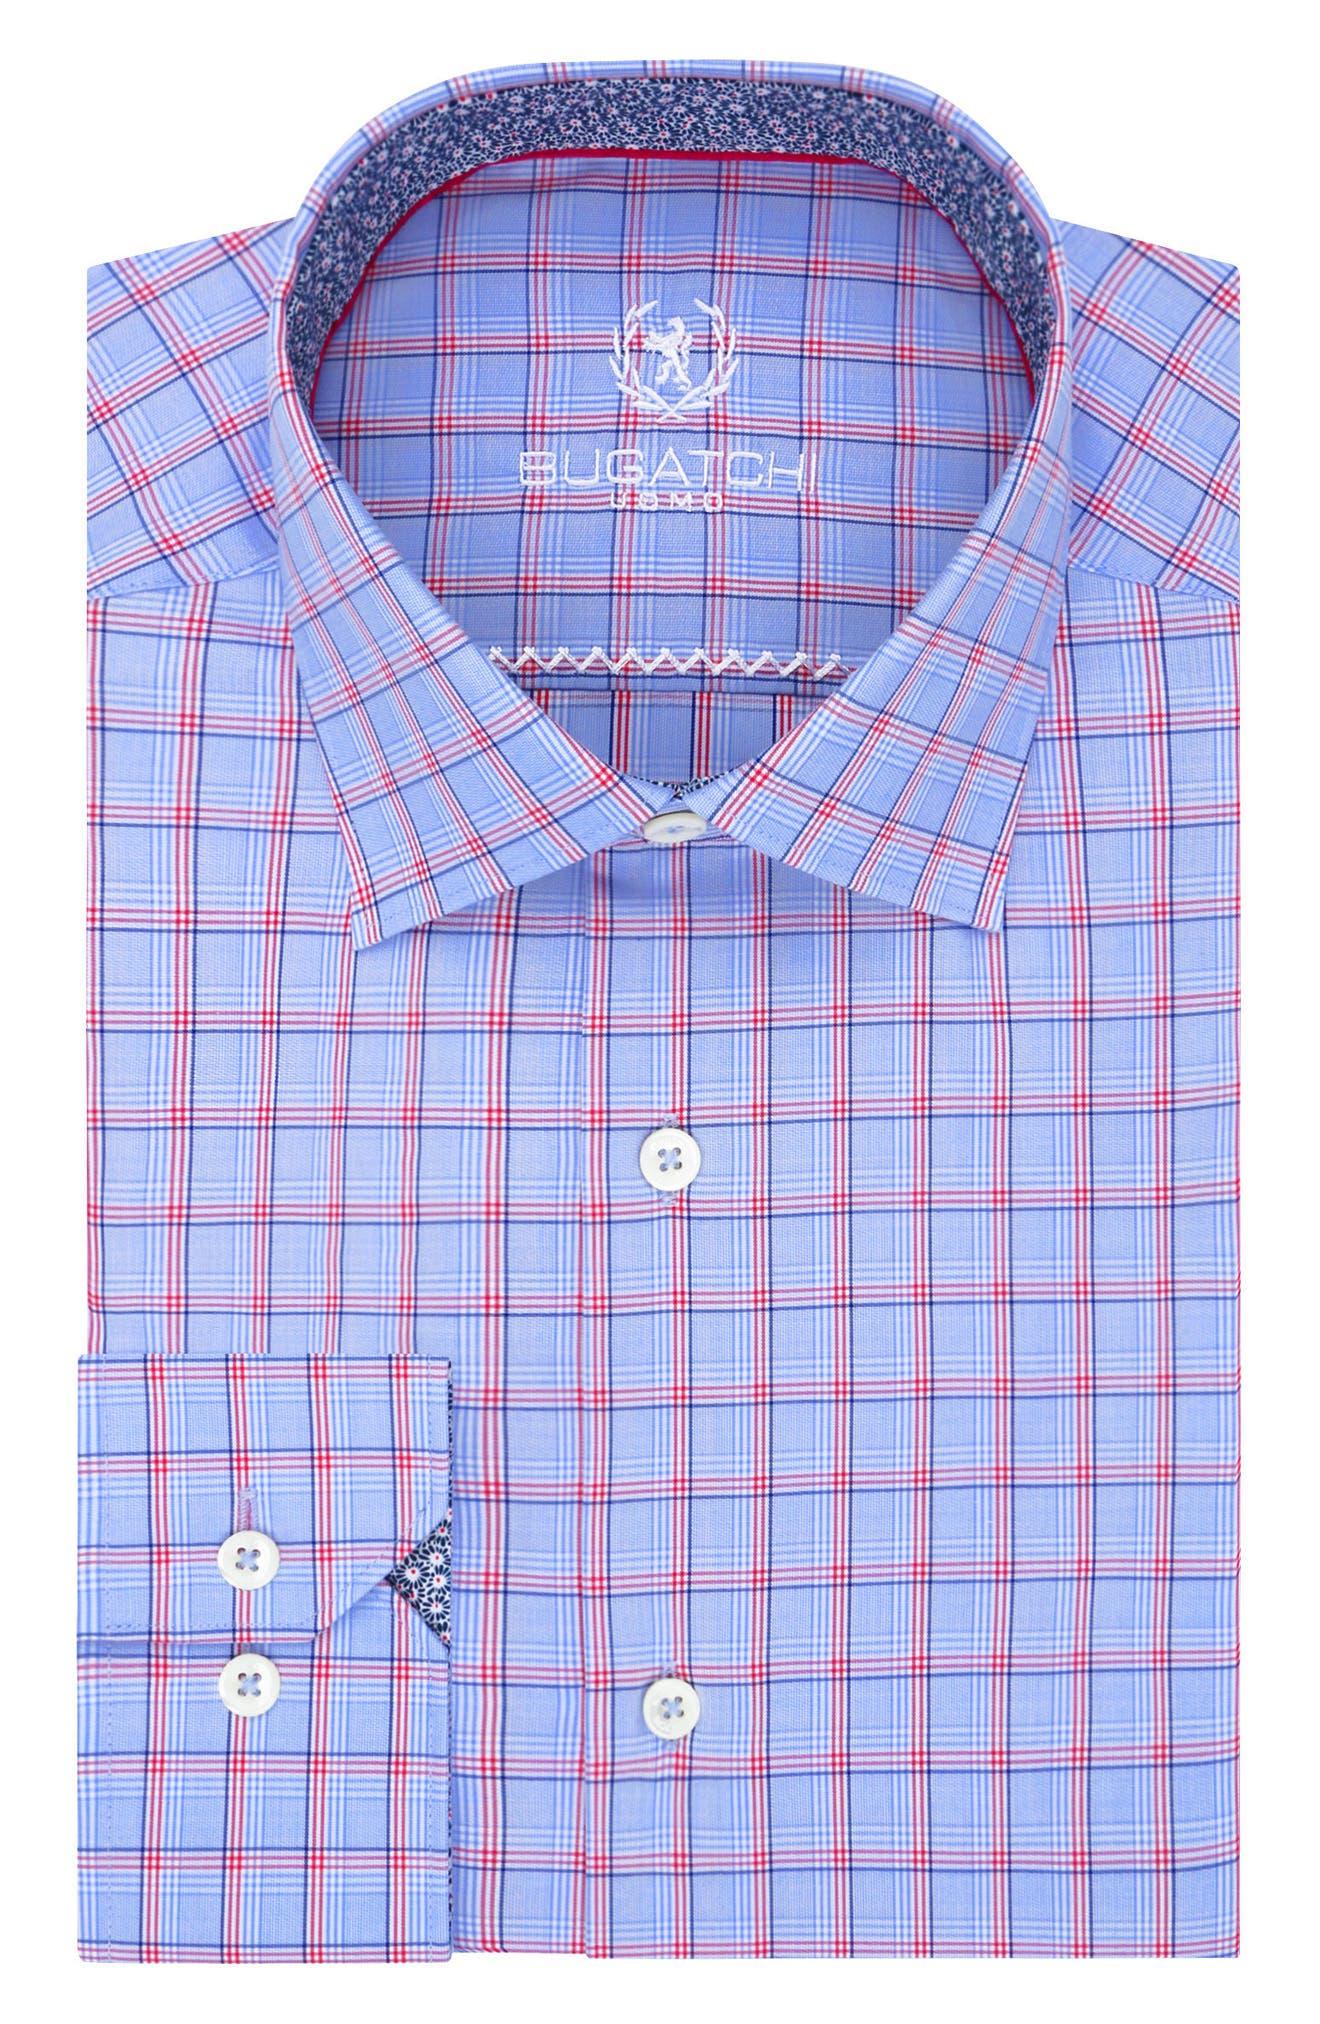 Trim Fit Plaid Dress Shirt,                         Main,                         color, 422